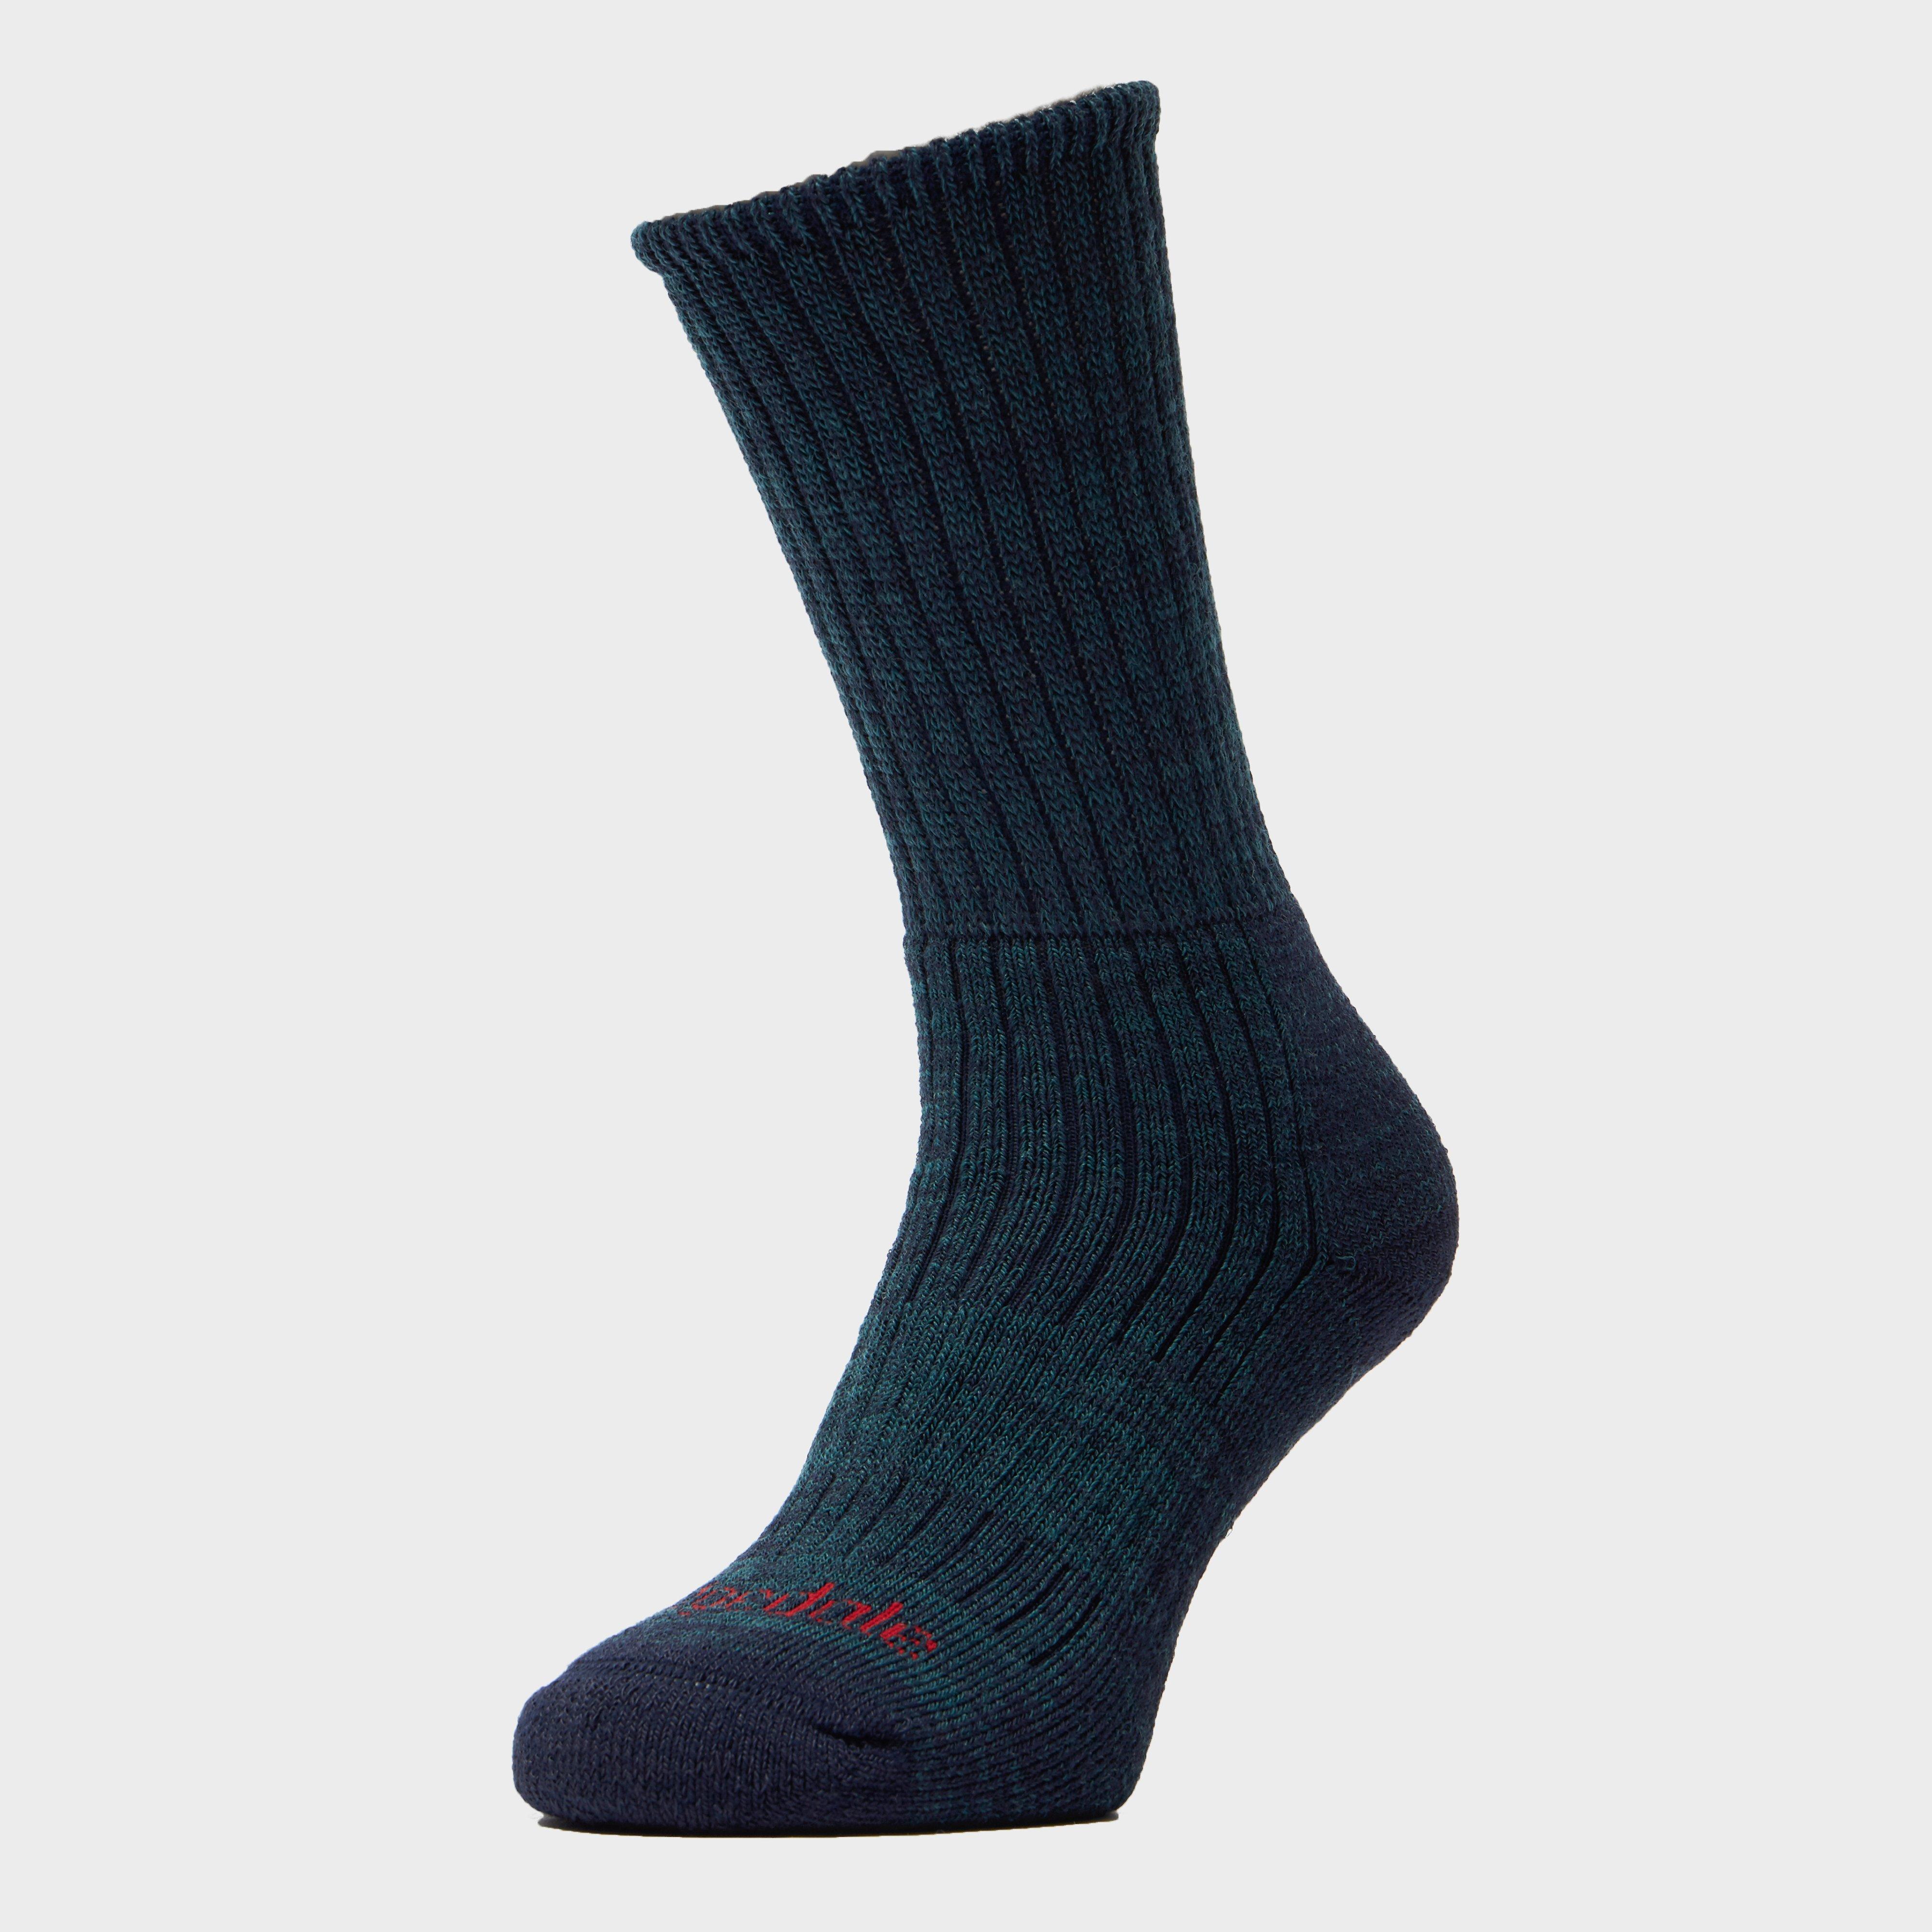 Bridgedale Bridgedale Mens Hike Midweight Comfort Socks - Navy, Navy